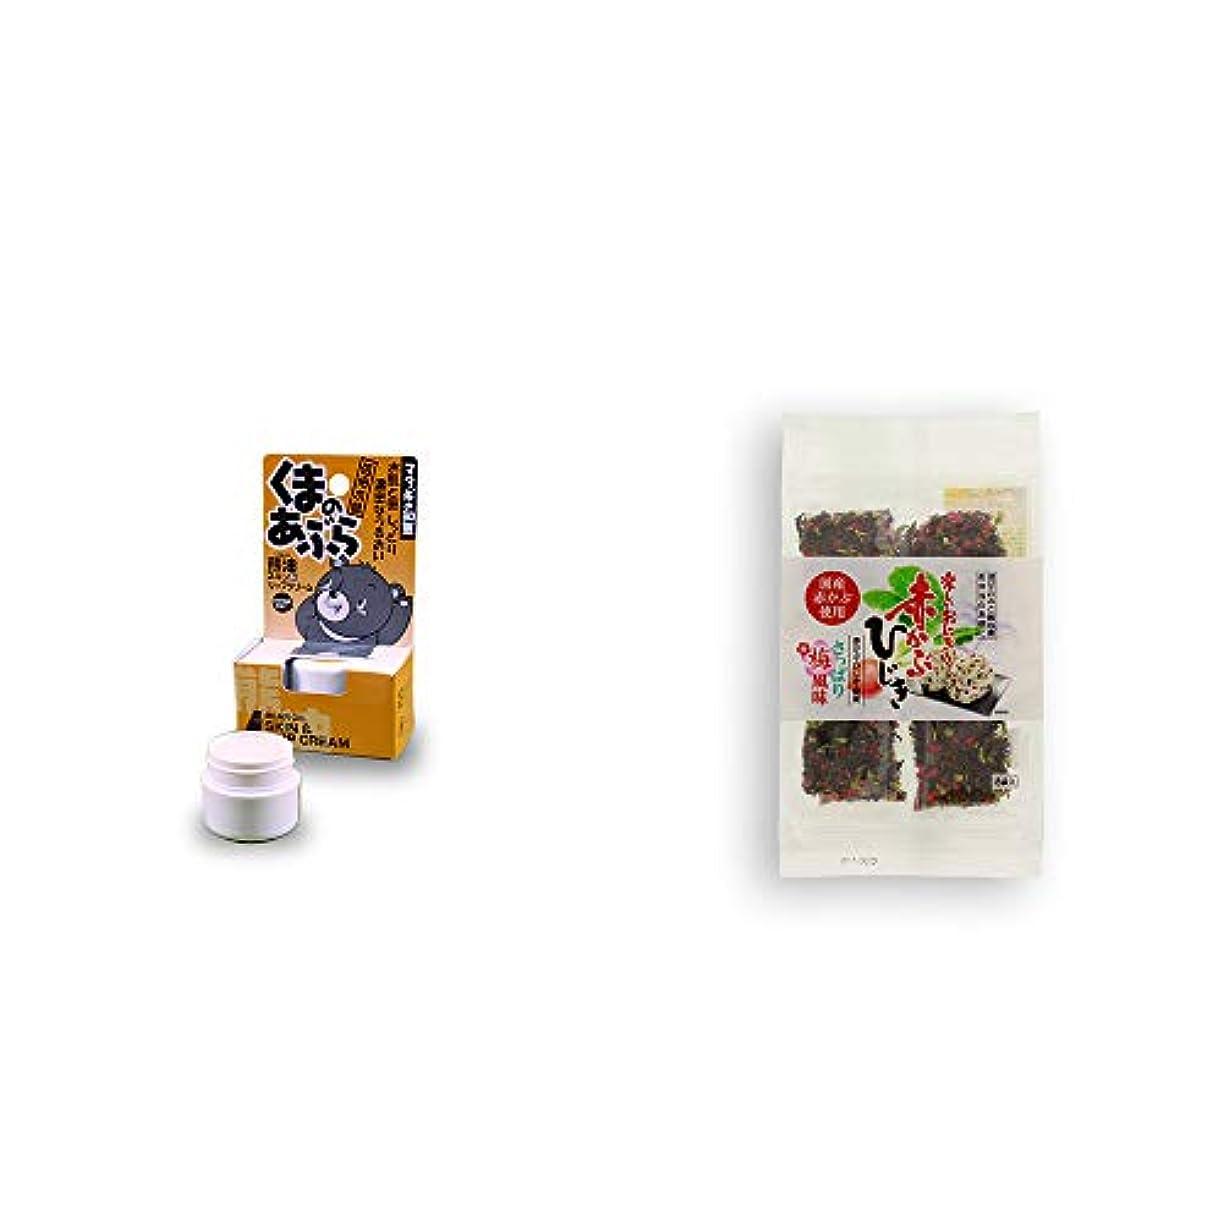 かりて透明にビット[2点セット] 信州木曽 くまのあぶら 熊油スキン&リップクリーム(9g)?楽しいおにぎり 赤かぶひじき(8g×8袋)